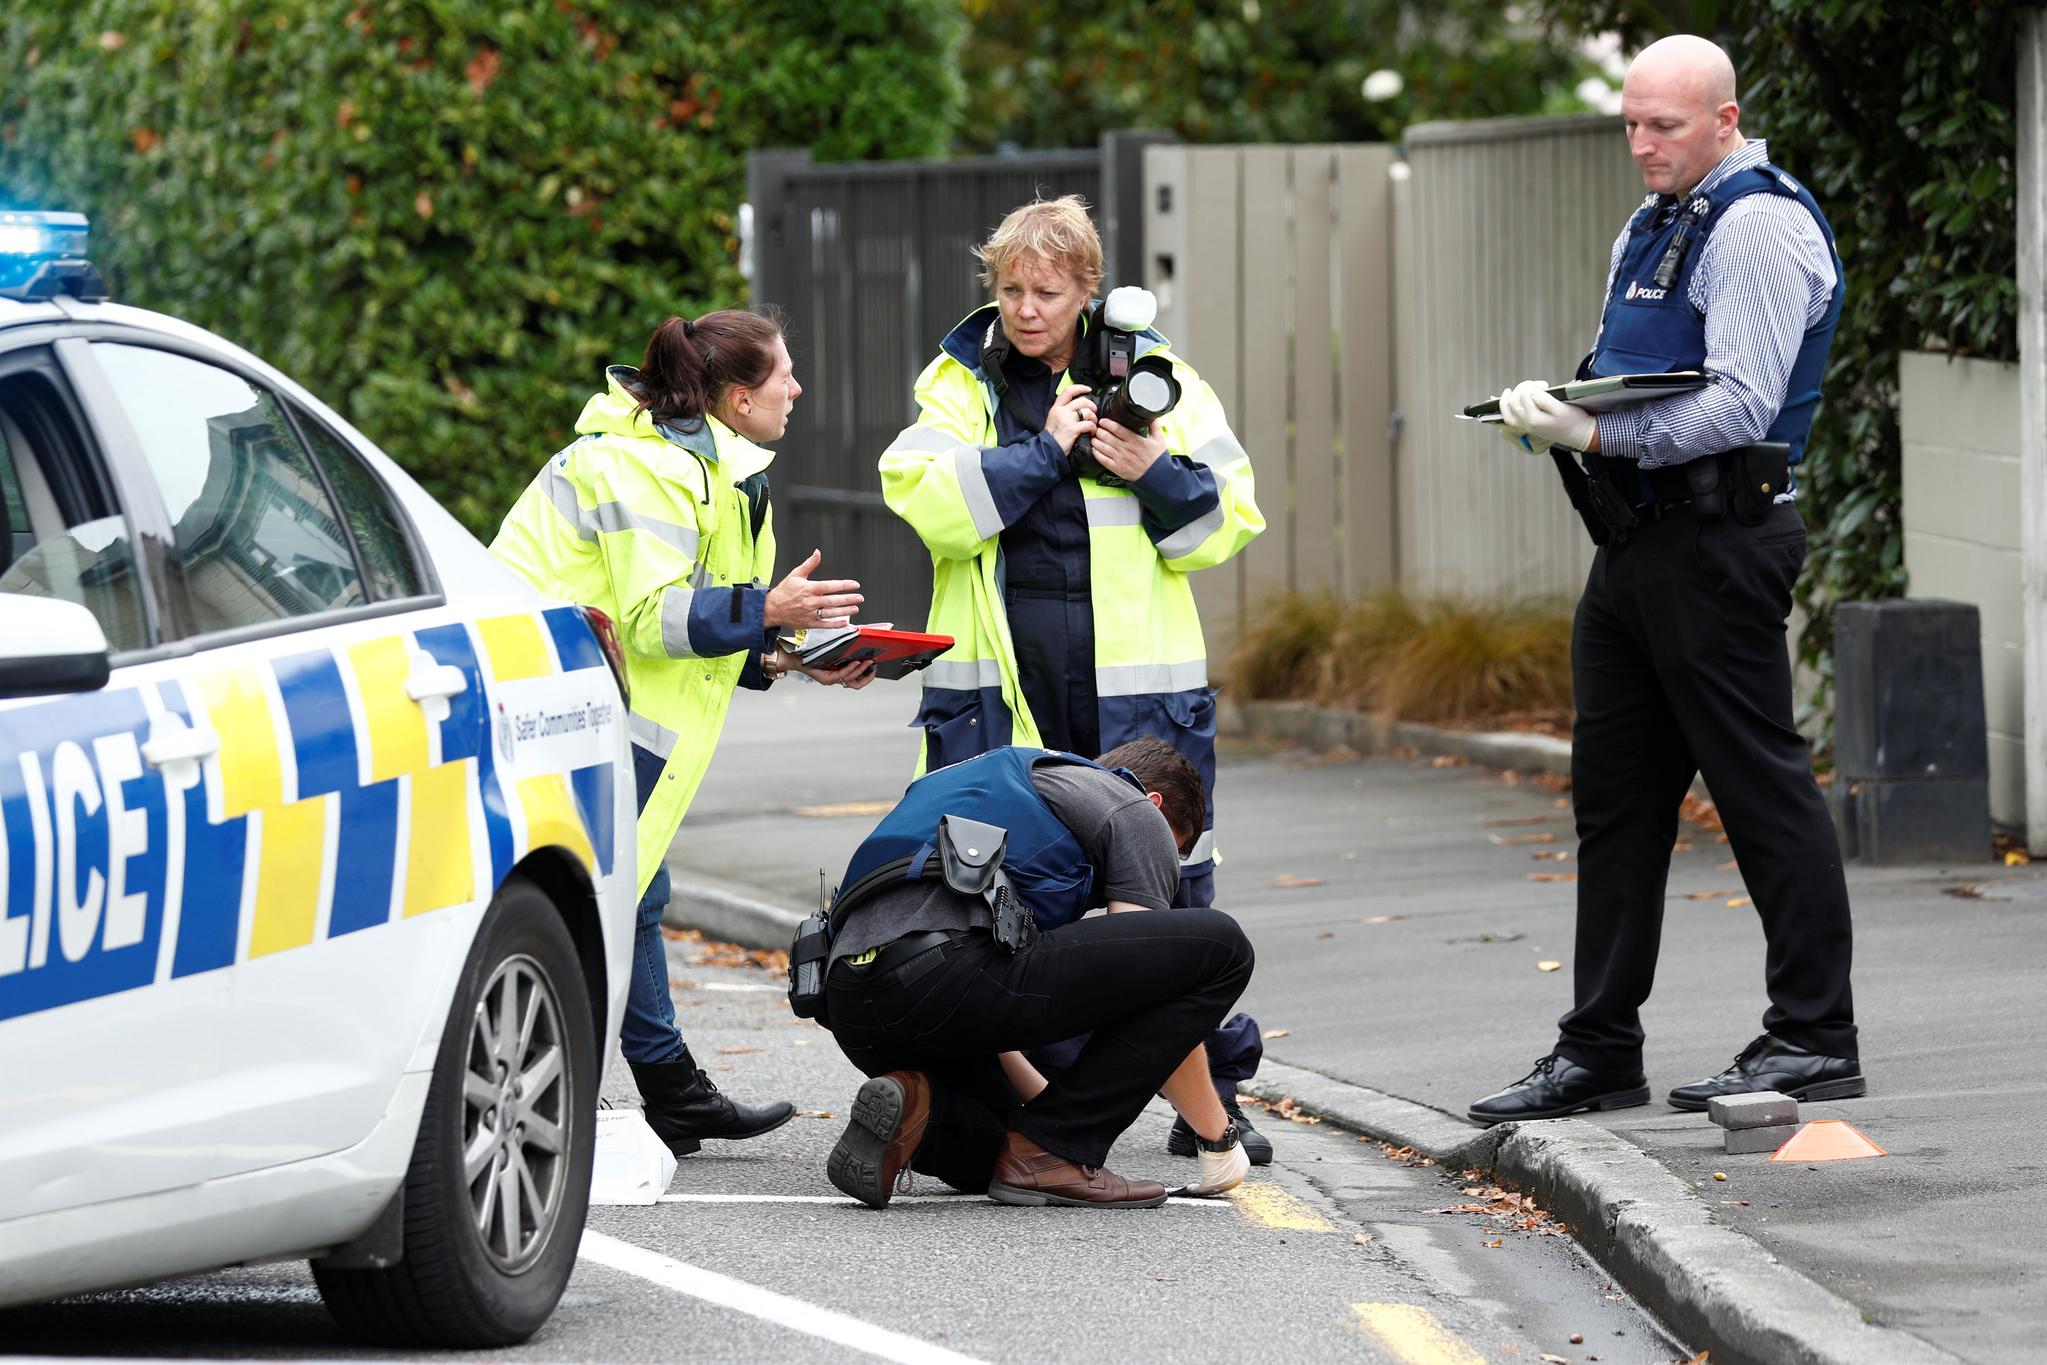 수사관들이 17일(현지시간) 뉴질랜드 크라이스트 처치의 사건현장을 조사하고 있다. [로이터=연합뉴스]